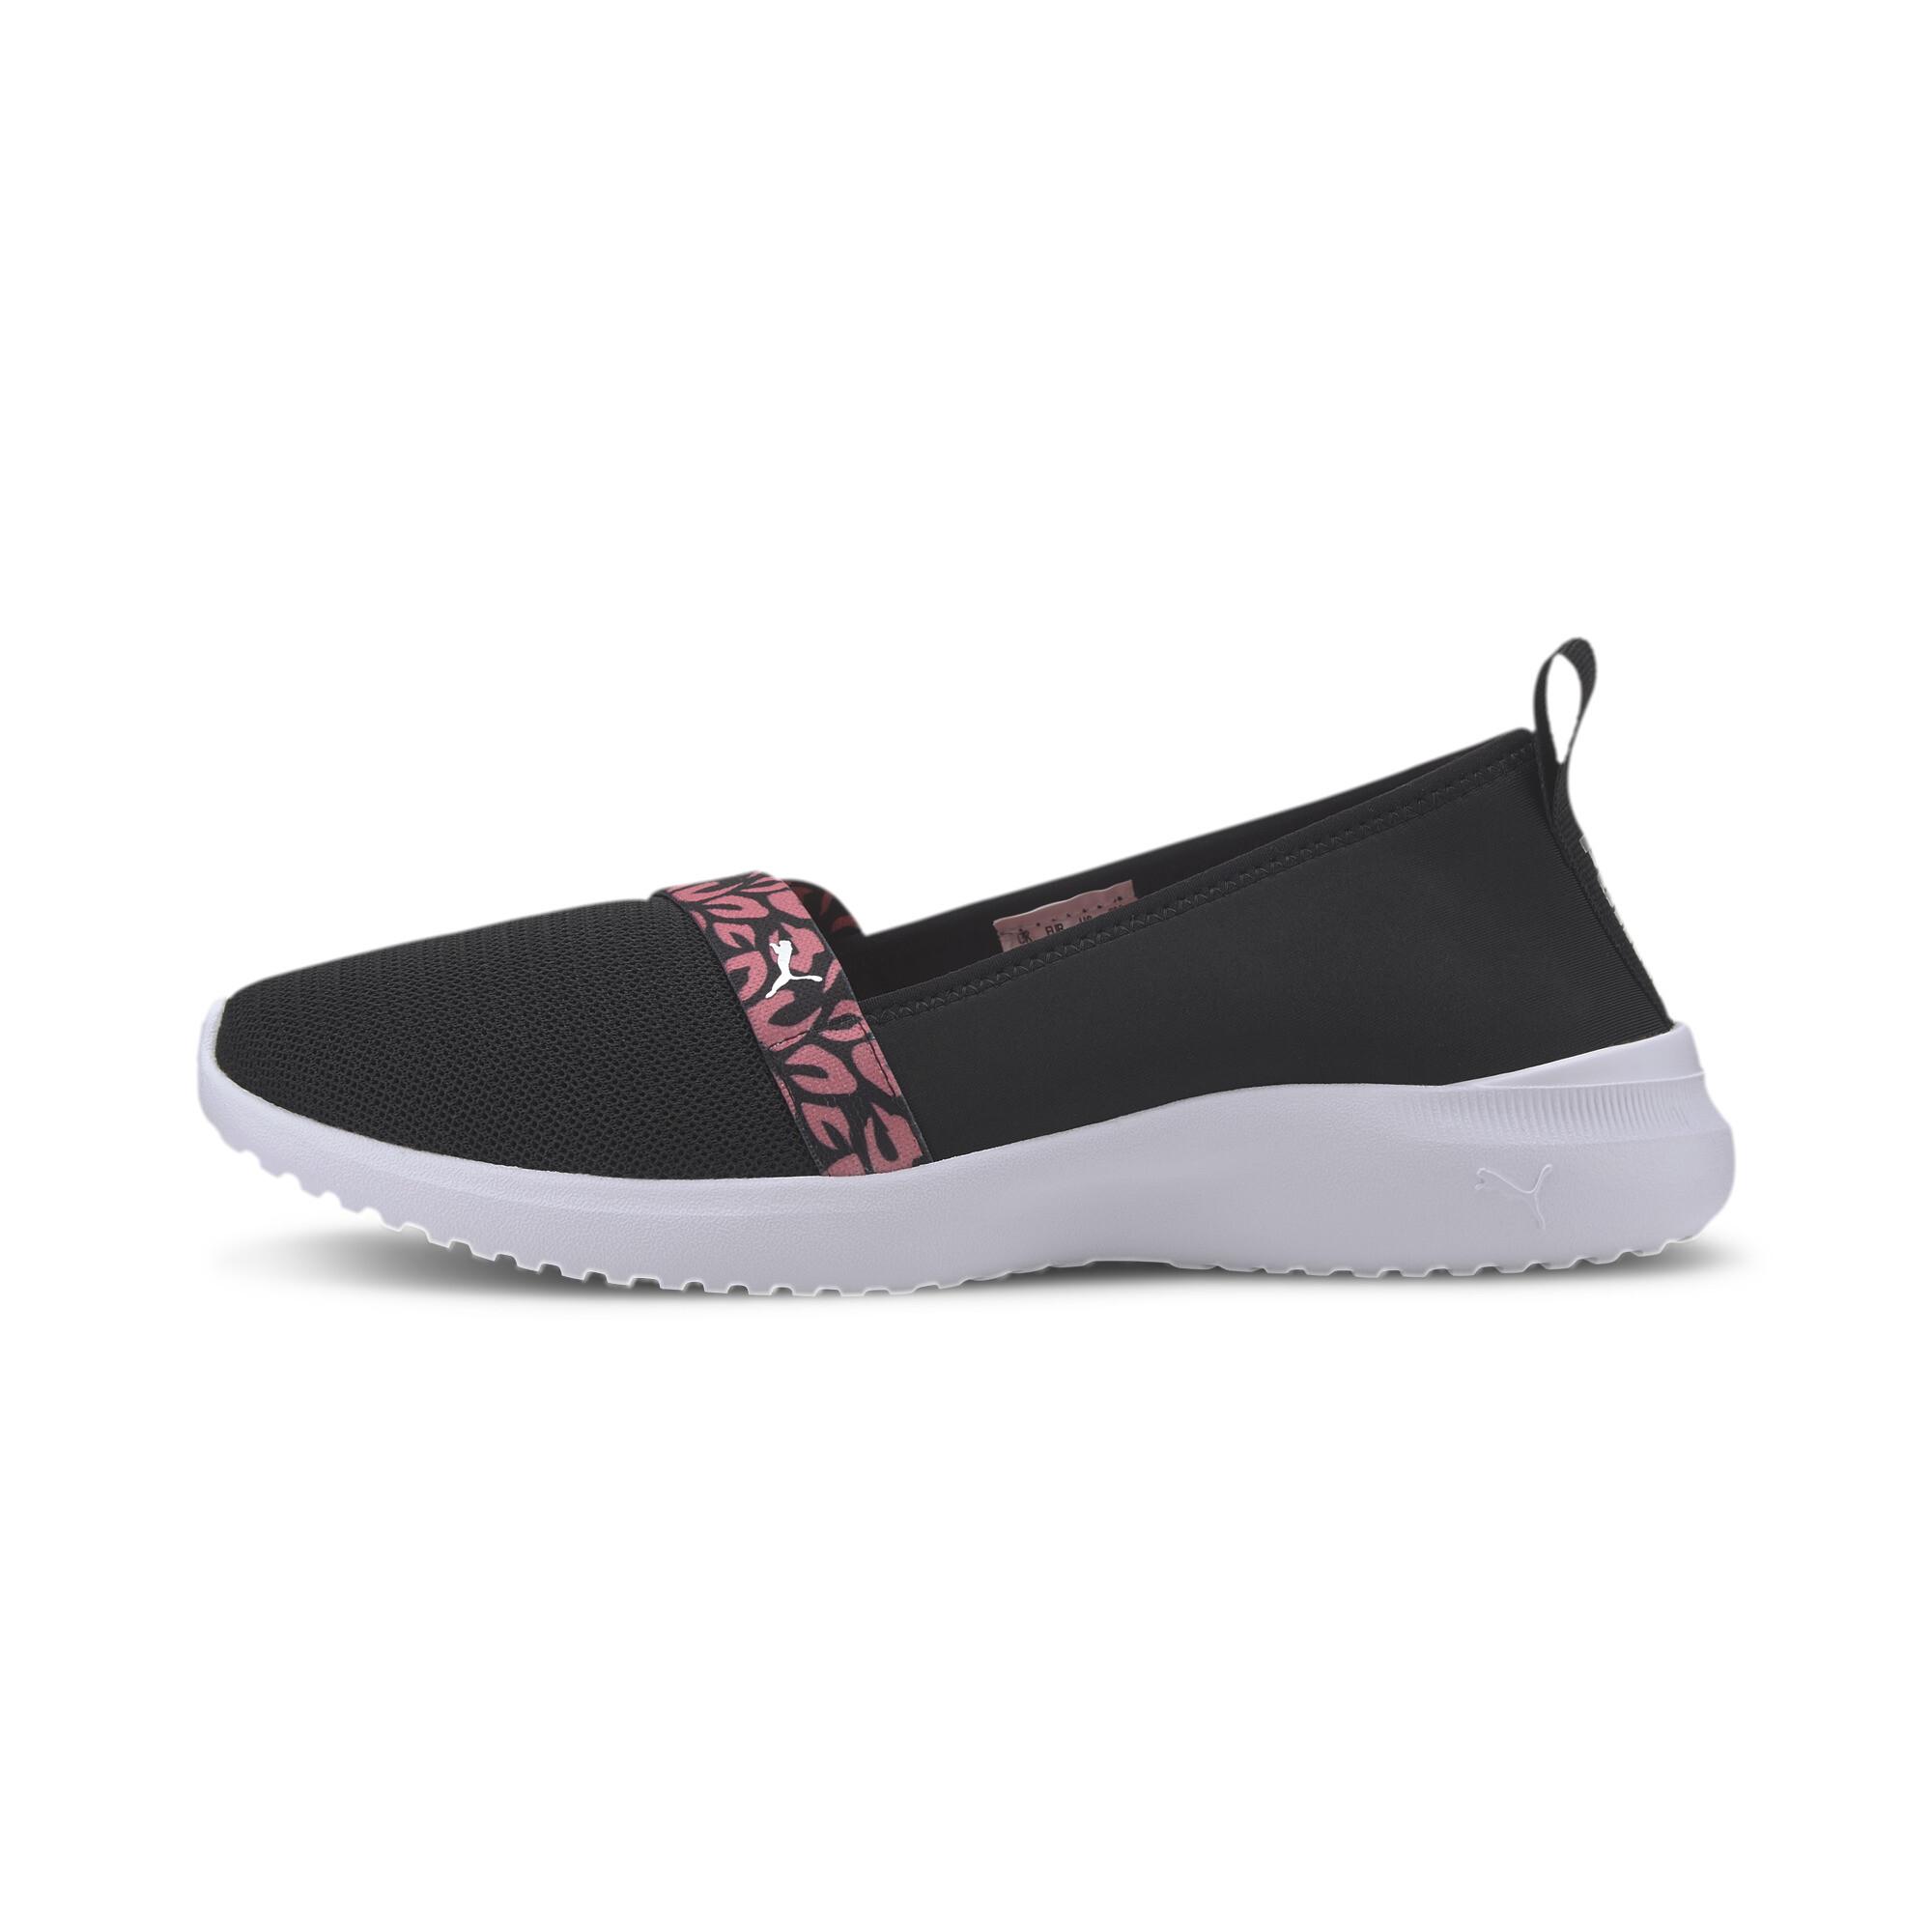 PUMA-Women-039-s-Adelina-Blossom-Ballet-Shoes thumbnail 4